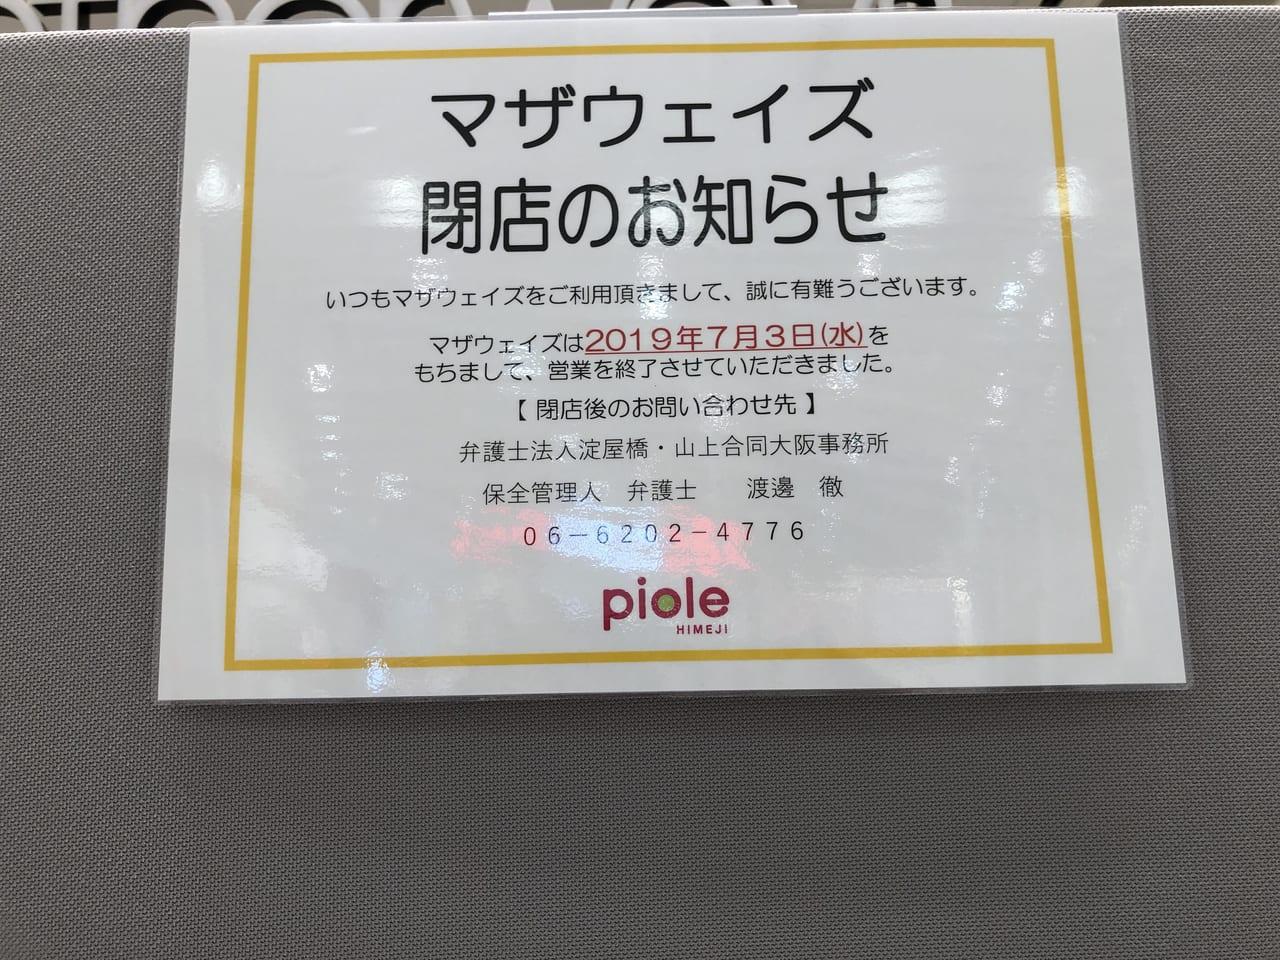 2019年マザウェイピオレ姫路店